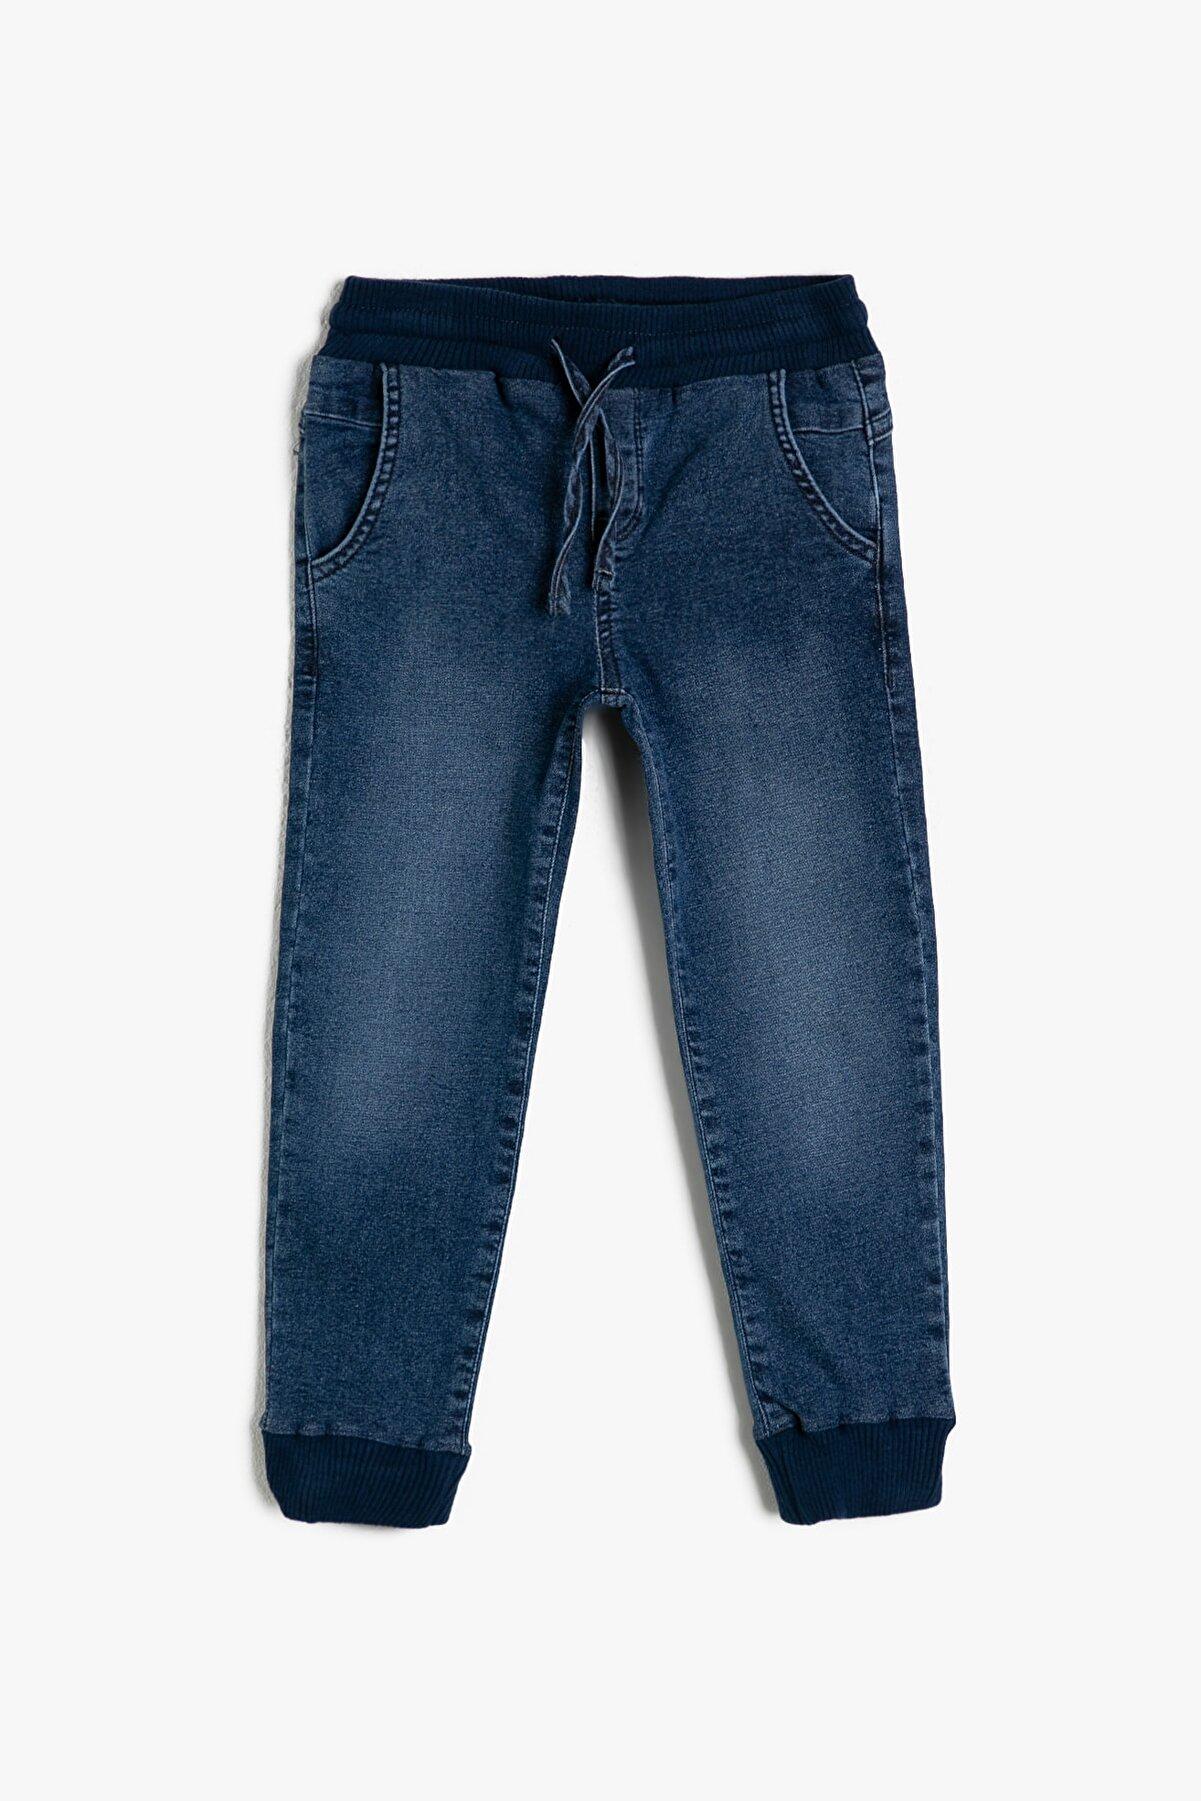 Koton Erkek Çocuk Dark Indigo Jean